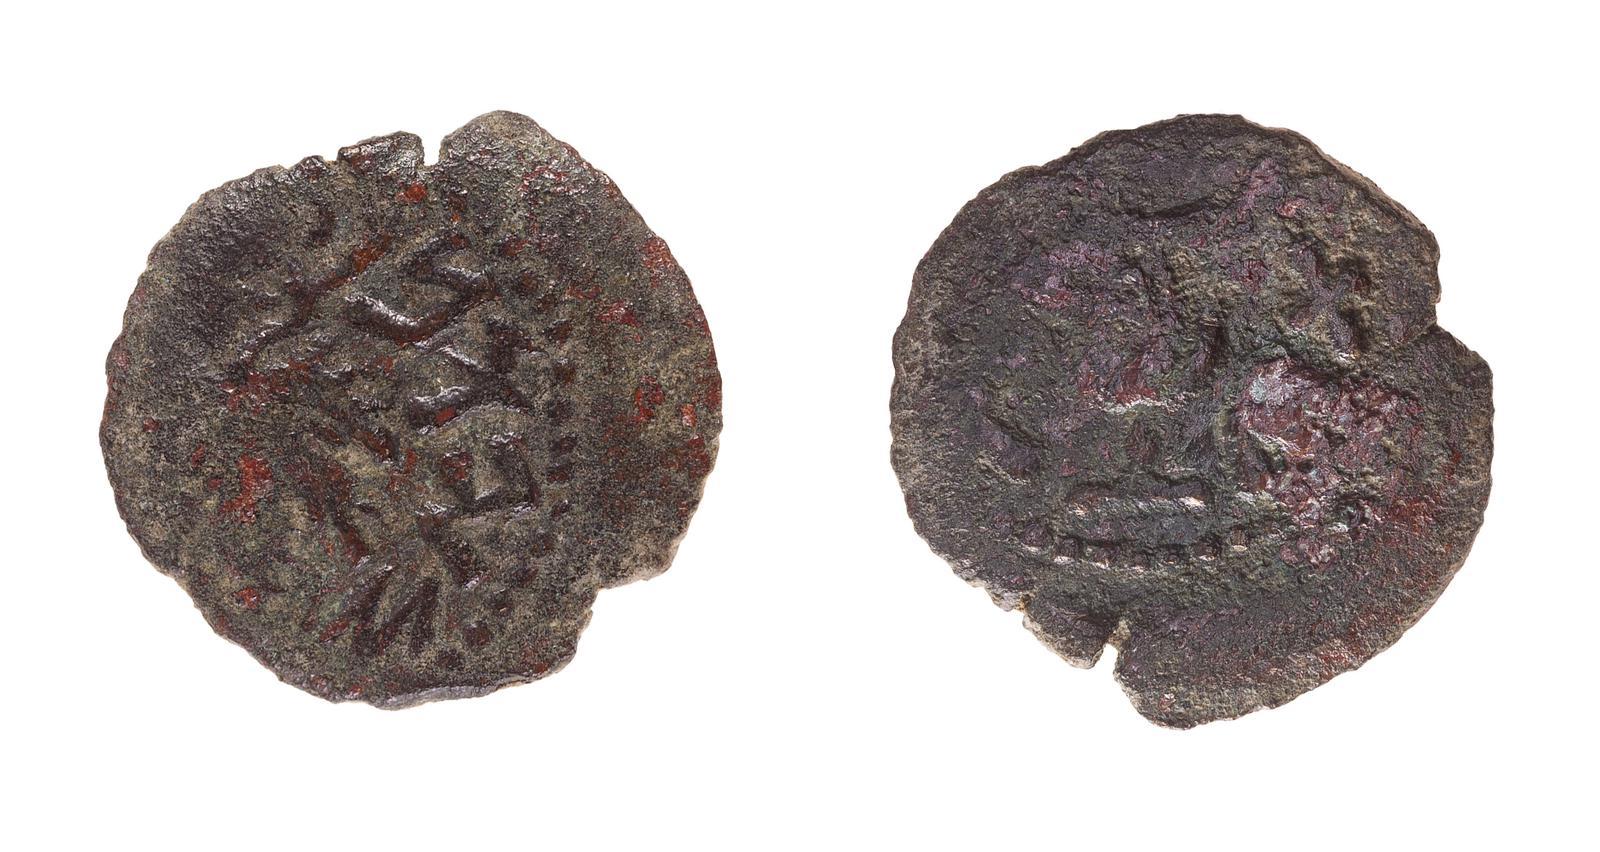 מטבעות נדירים מימי מרידות היהודים ברומאים נמצאו בבנימין